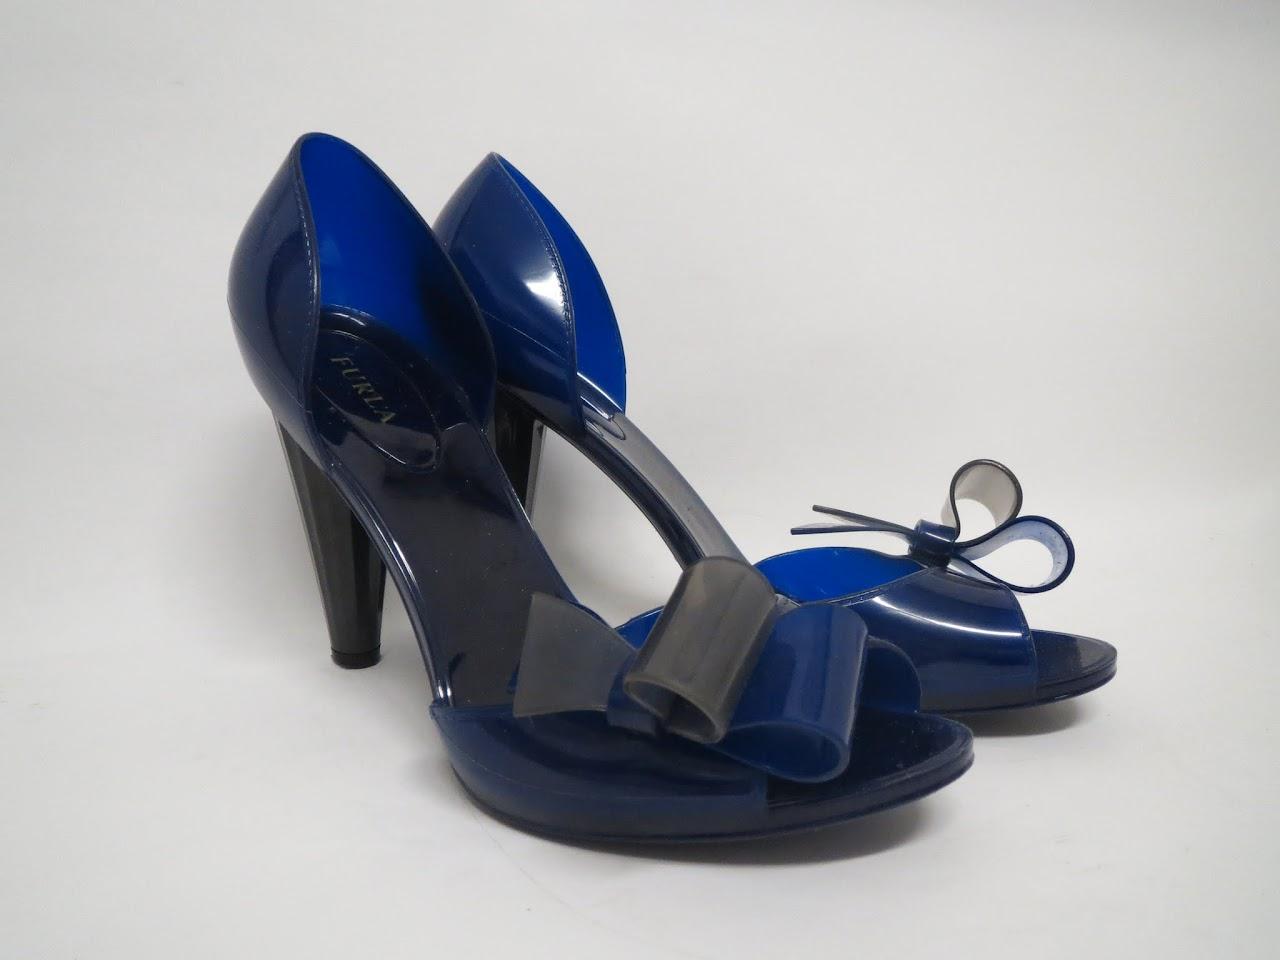 Furla Blue Rubber Pumps